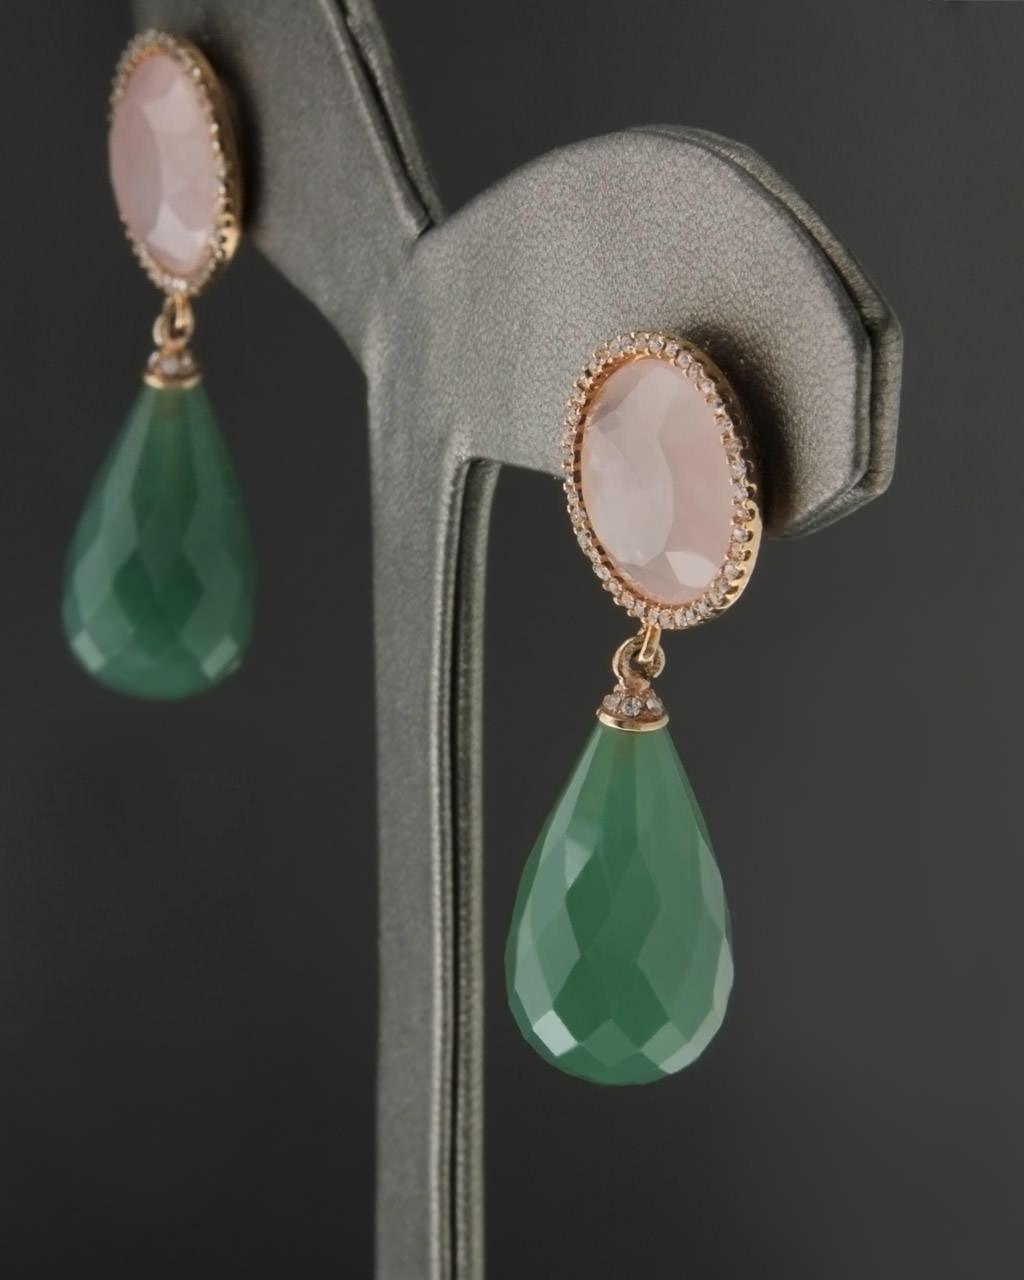 Σκουλαρίκια ασημένια με Quartz & Αβεντουρίνη   γυναικα σκουλαρίκια σκουλαρίκια ημιπολύτιμοι λίθοι